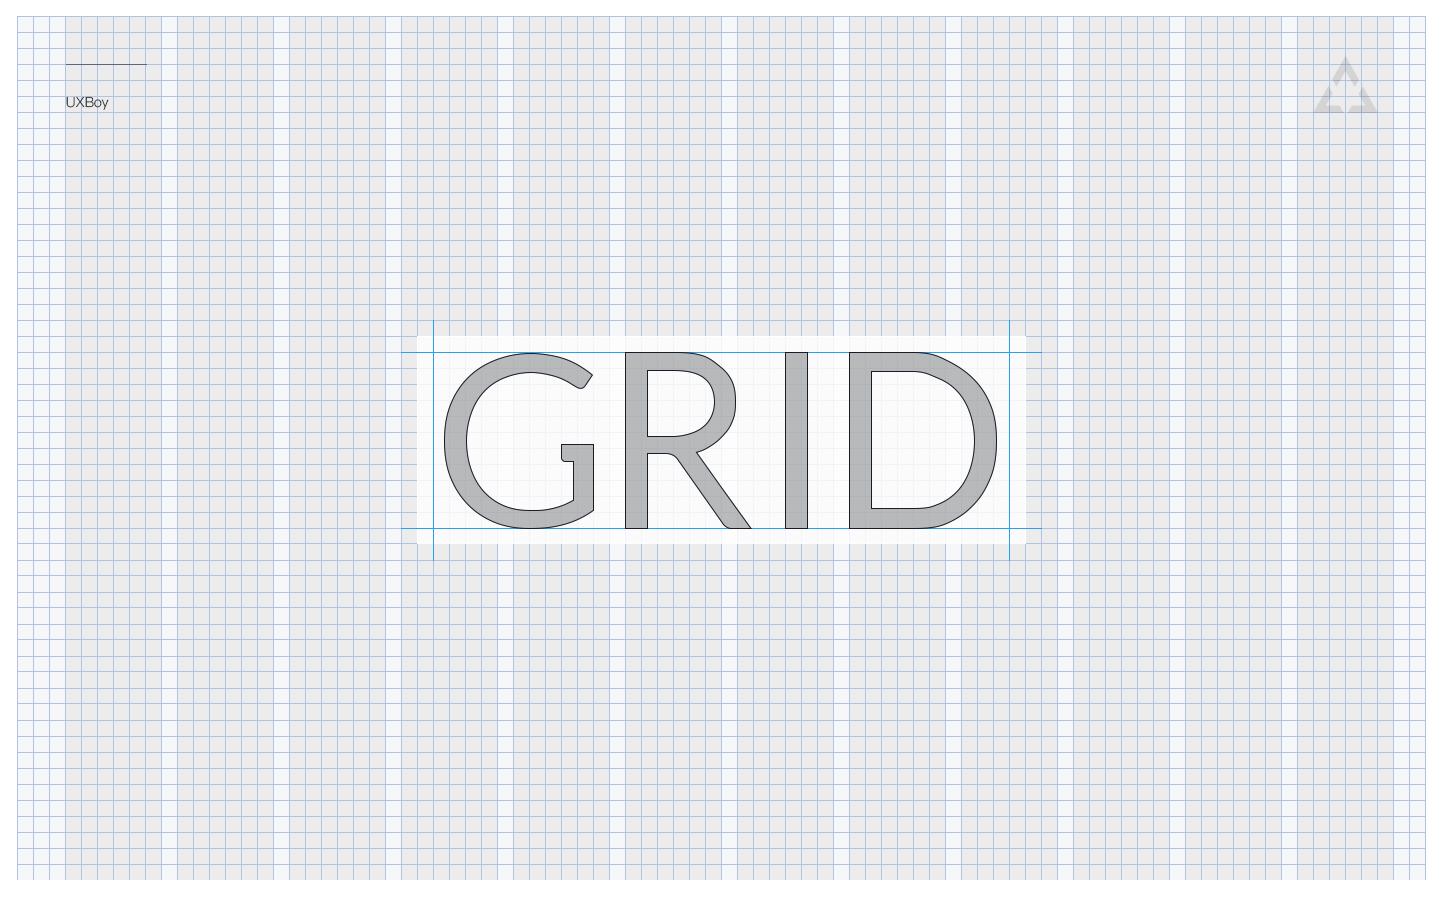 后台系统设计中栅格系统的应用总结